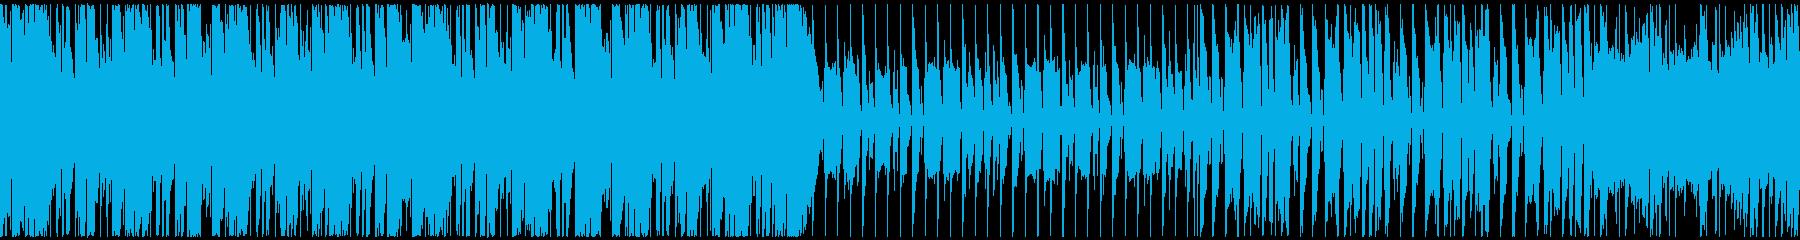 【ループ対応】ブラスファンクポップの再生済みの波形